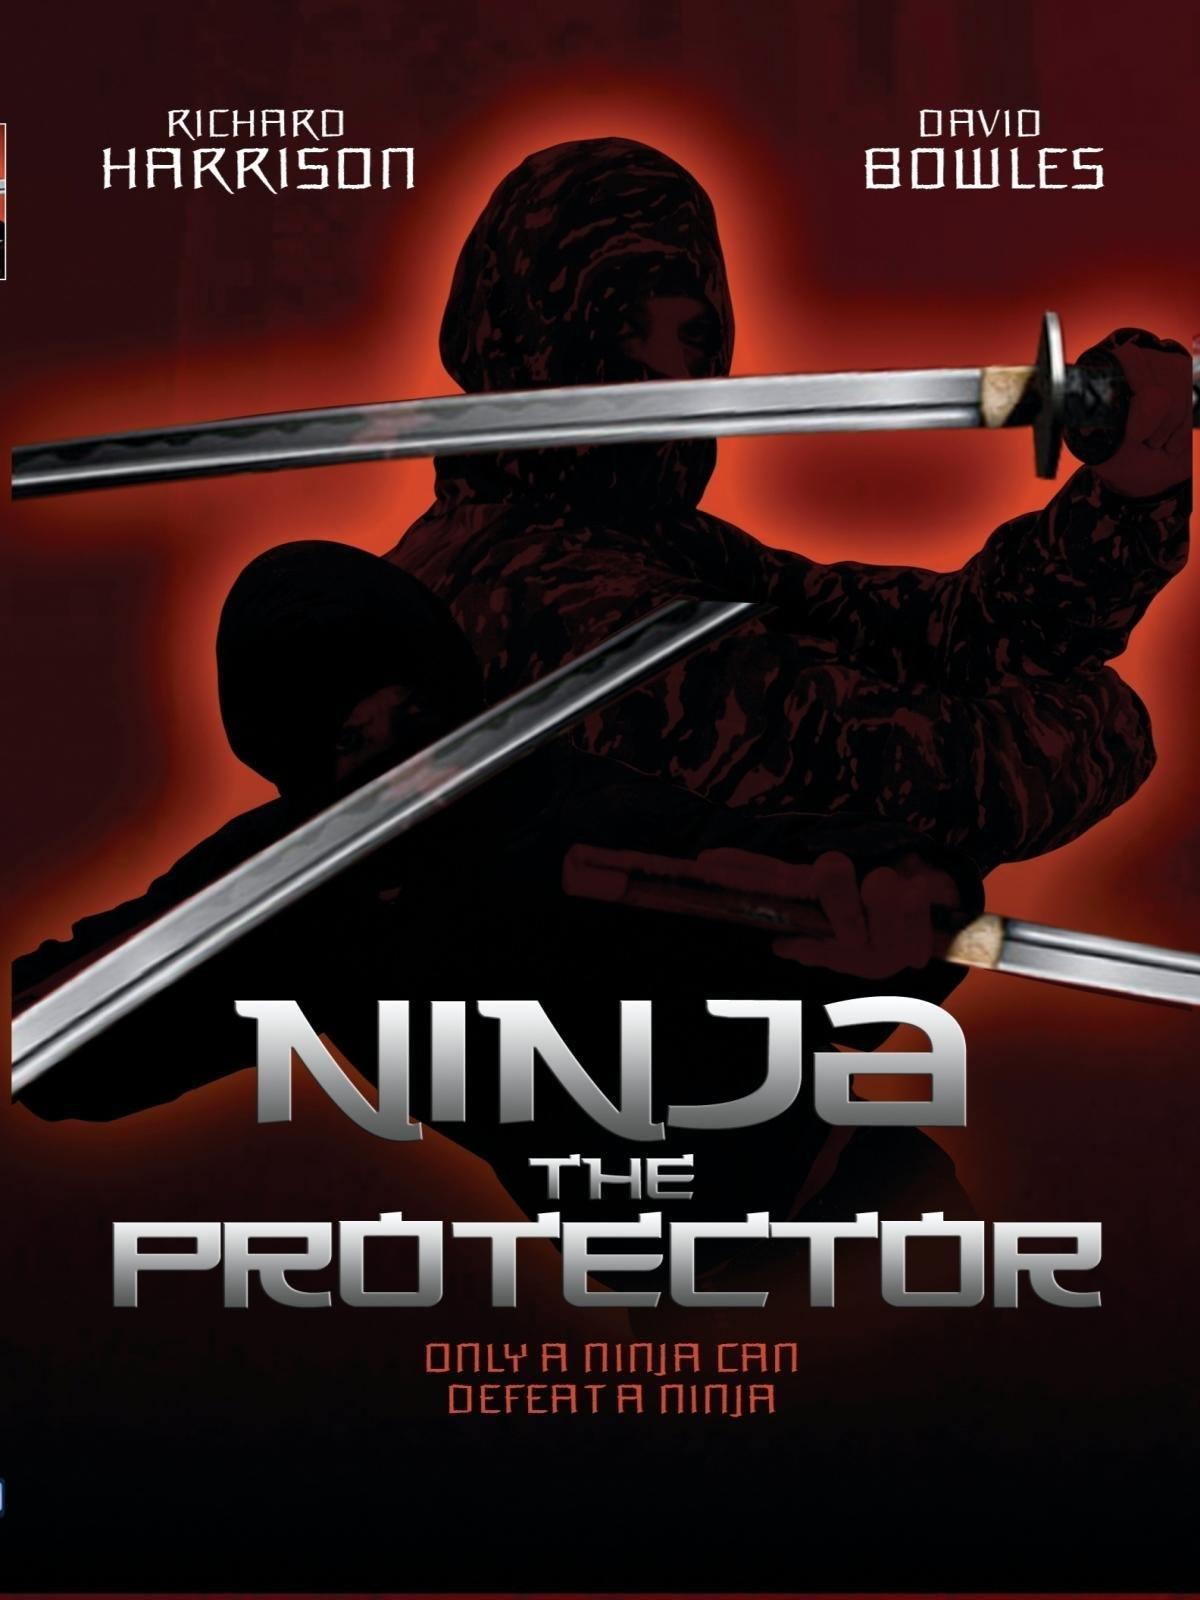 Amazon.com: Ninja the Protector: Jackie Chan, Richard ...